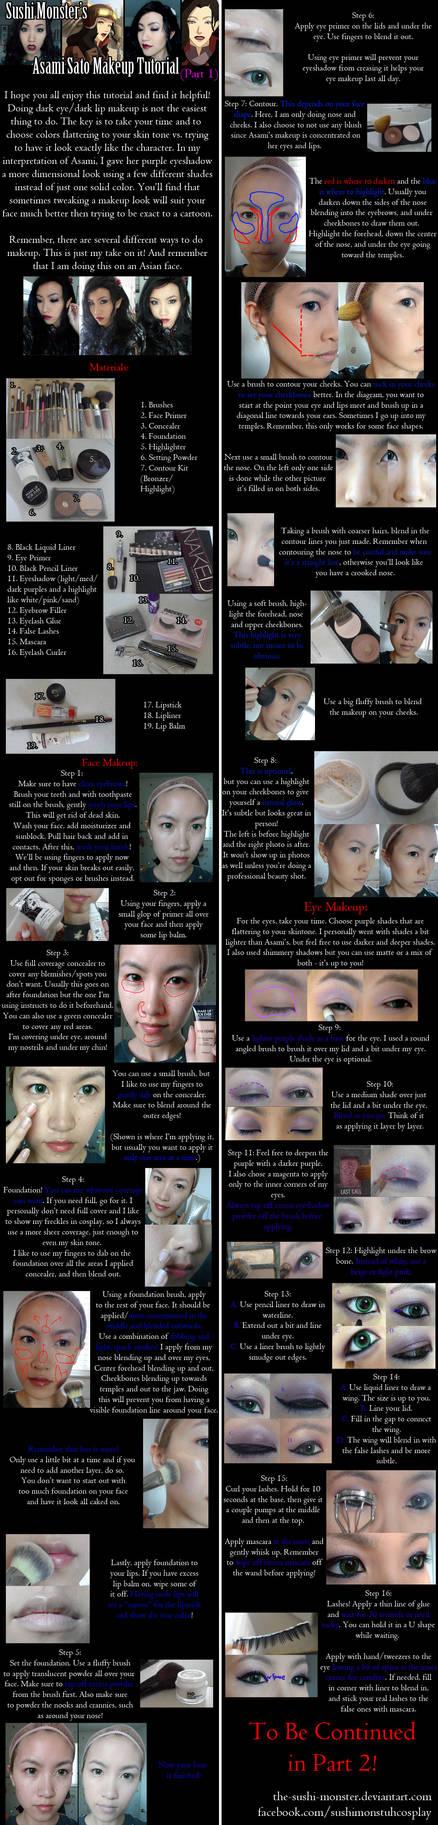 Asami Sato Makeup Tutorial Part One